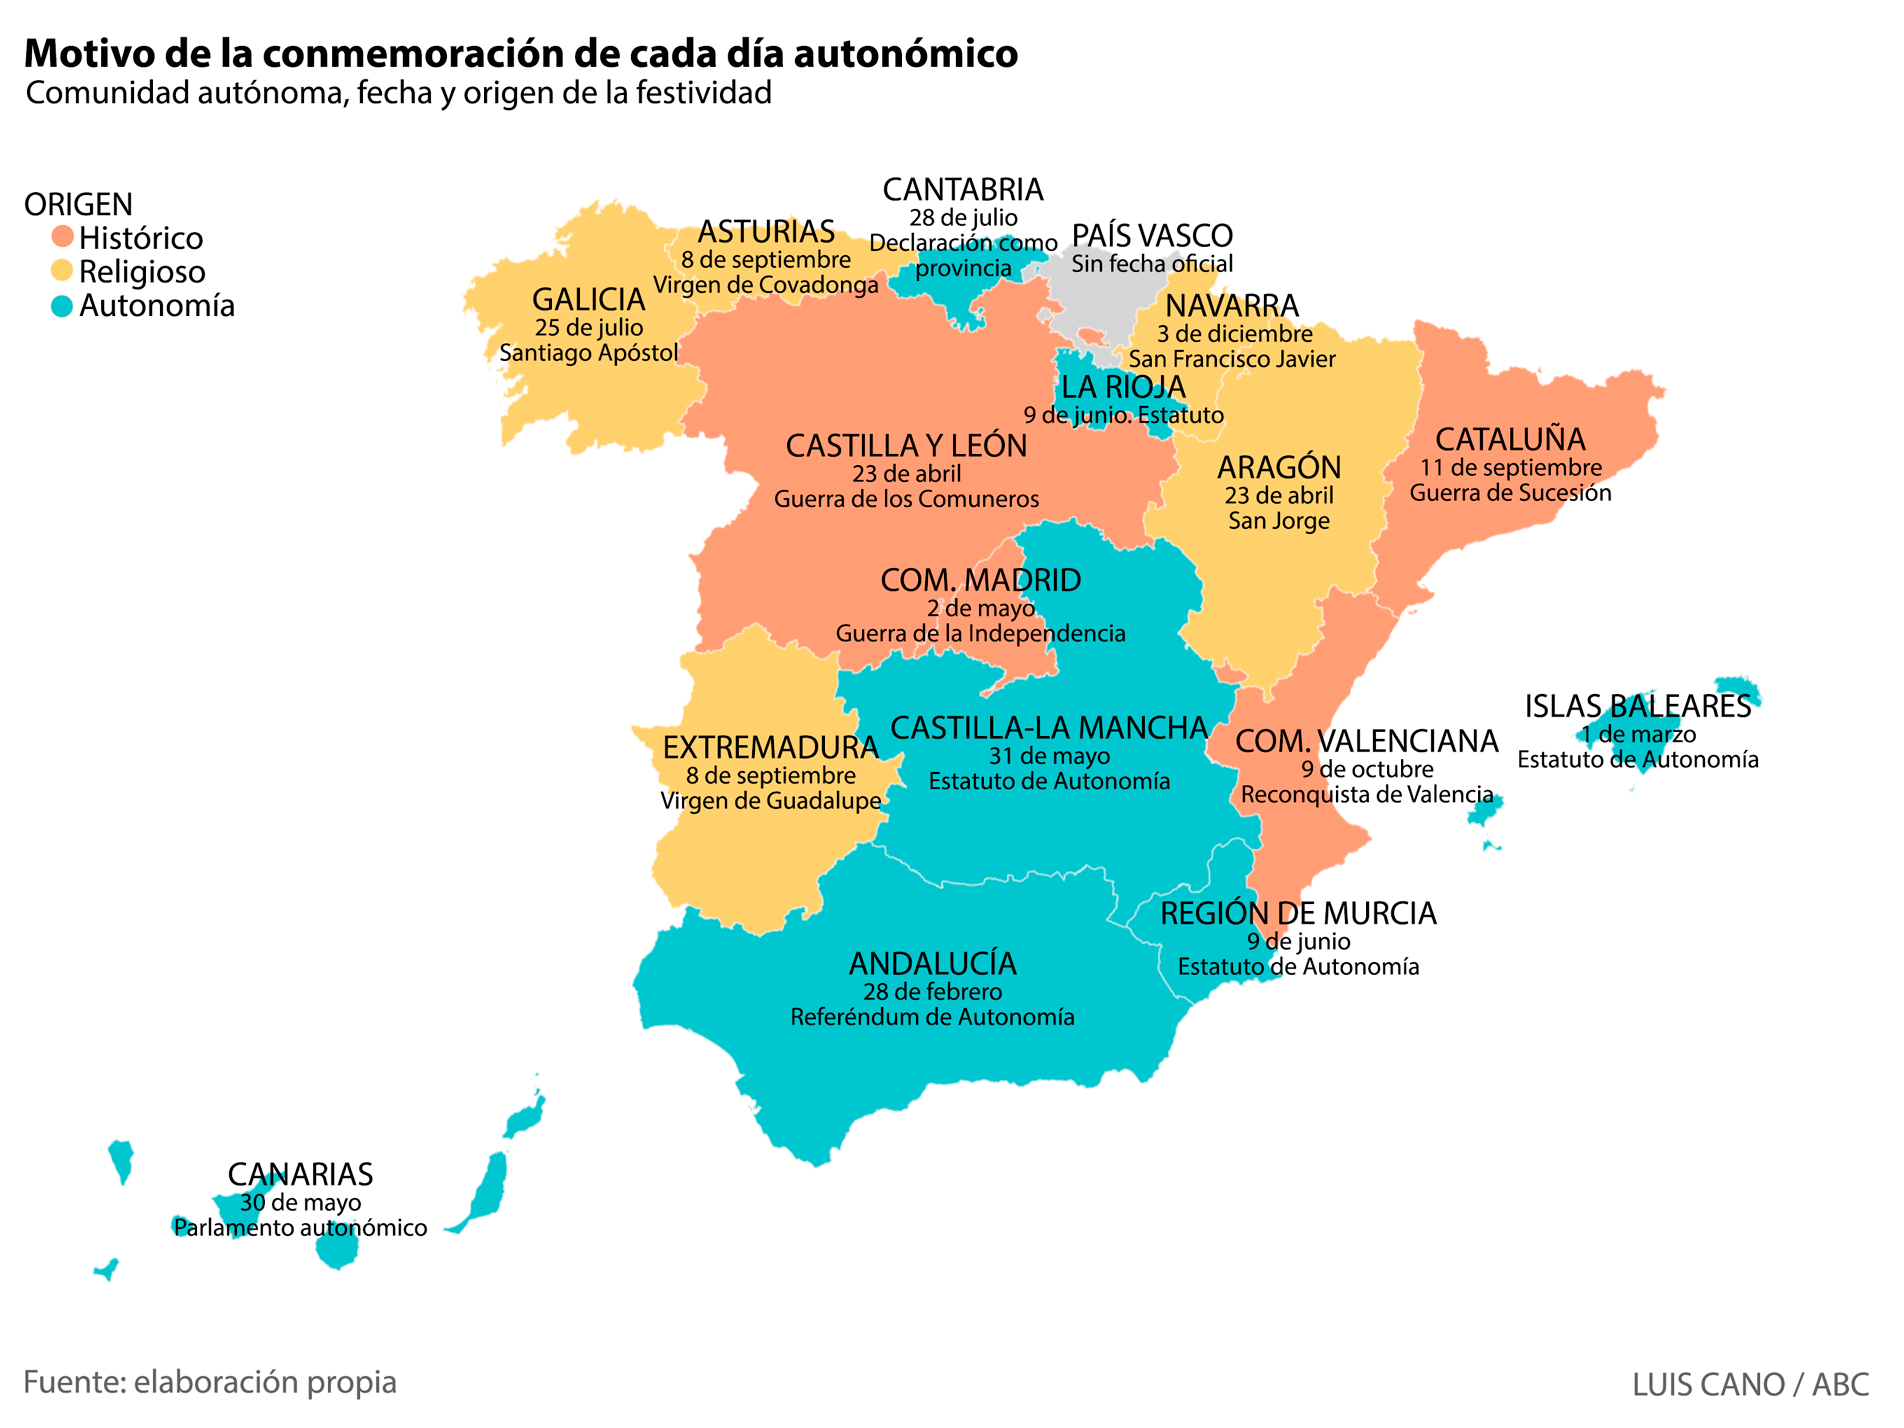 Mapa España Comunidades Autonomas Png.La Reconquista Y Otros Hitos Historicos Que Conmemoran Las